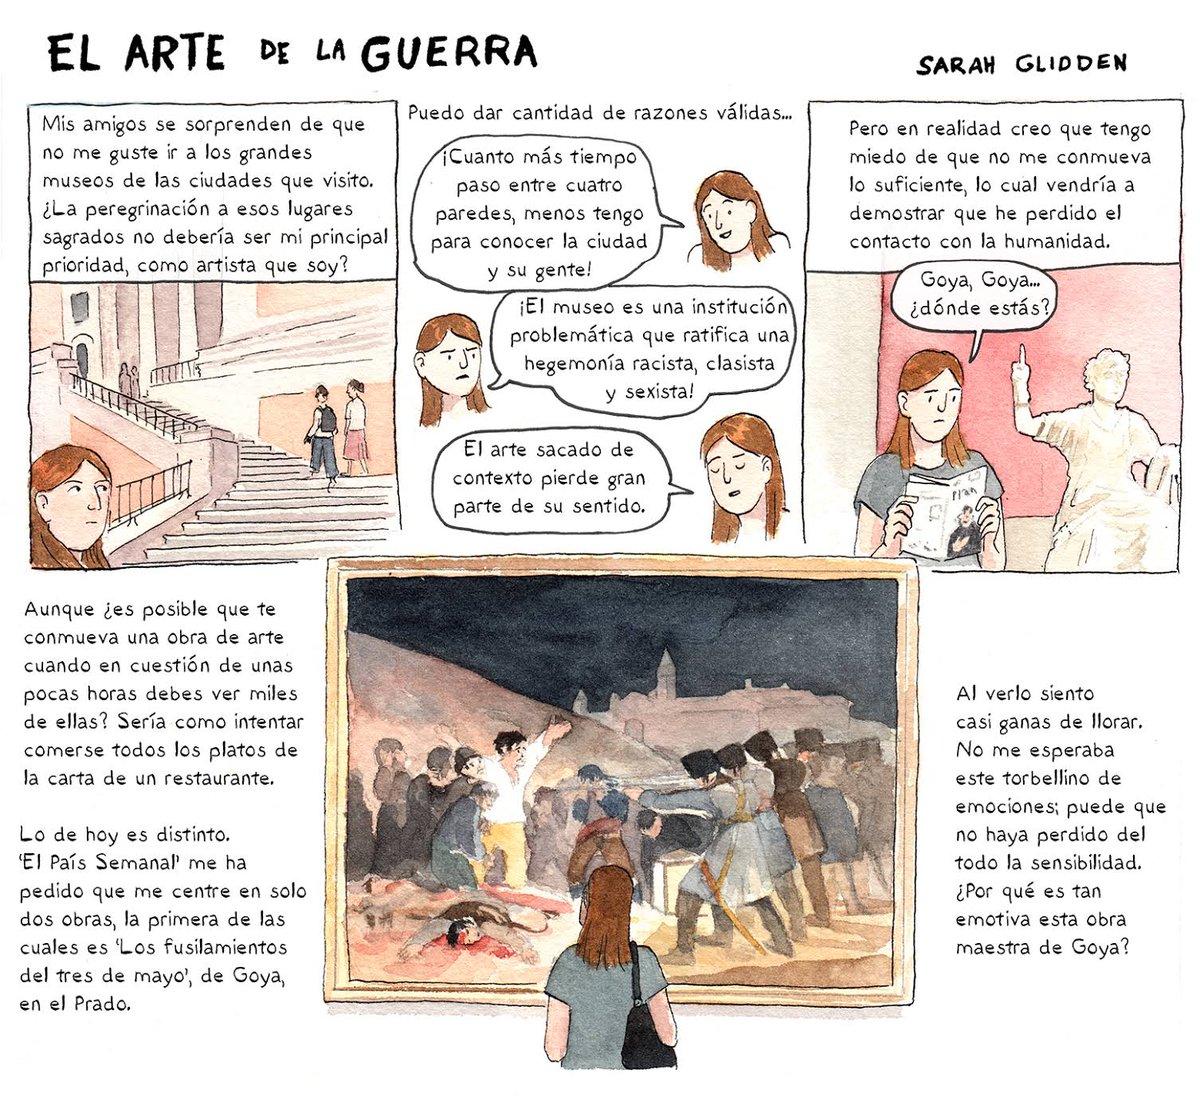 Sarah glidden on twitter si lees castellano tengo un nuevo comic este fin de semana en el pa s semanal sobre arte y violencia https t co uyzgt3wvg3